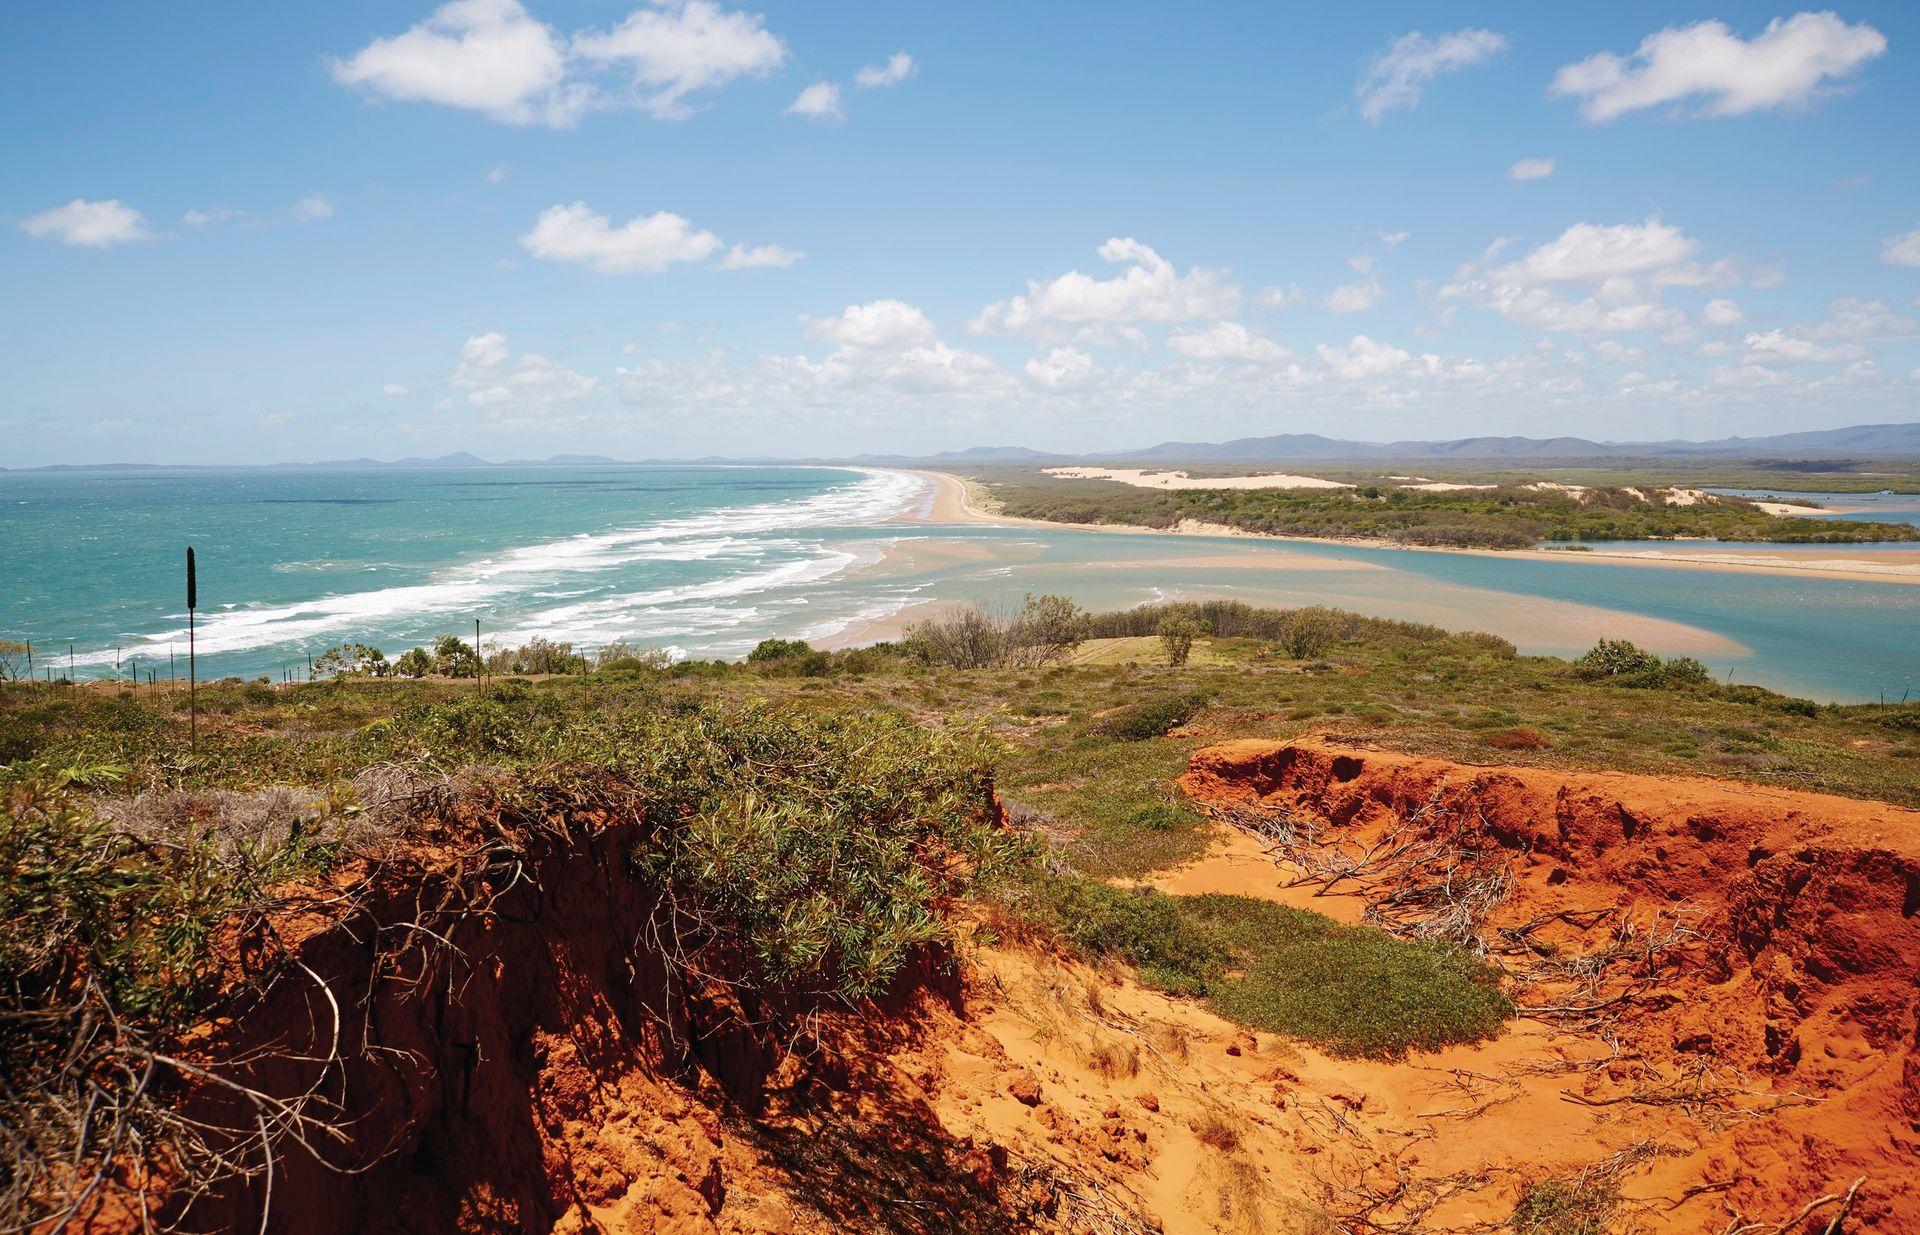 Het plaatsje Agnes Water/1770 aan de Ooskust van Australie is ideaal om te wandelen en te genieten van rust, ruimte en natuur.